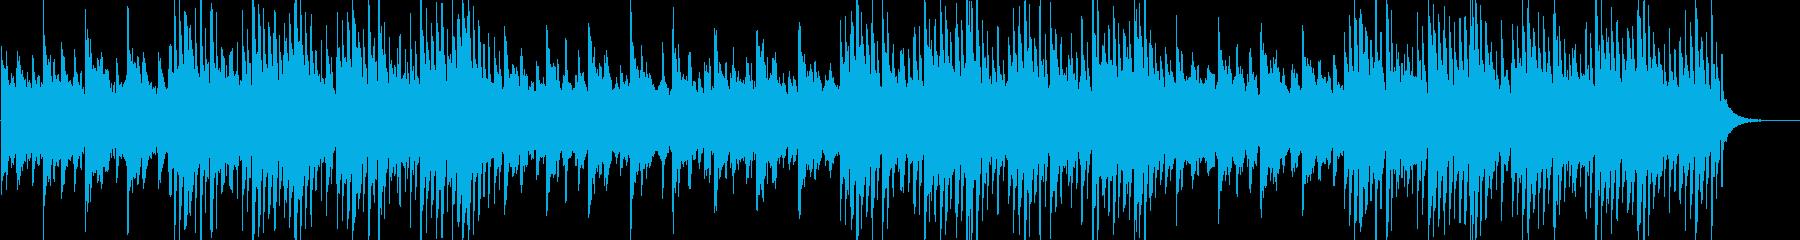 幻想的なストリングス・ピアノのエレクトロの再生済みの波形